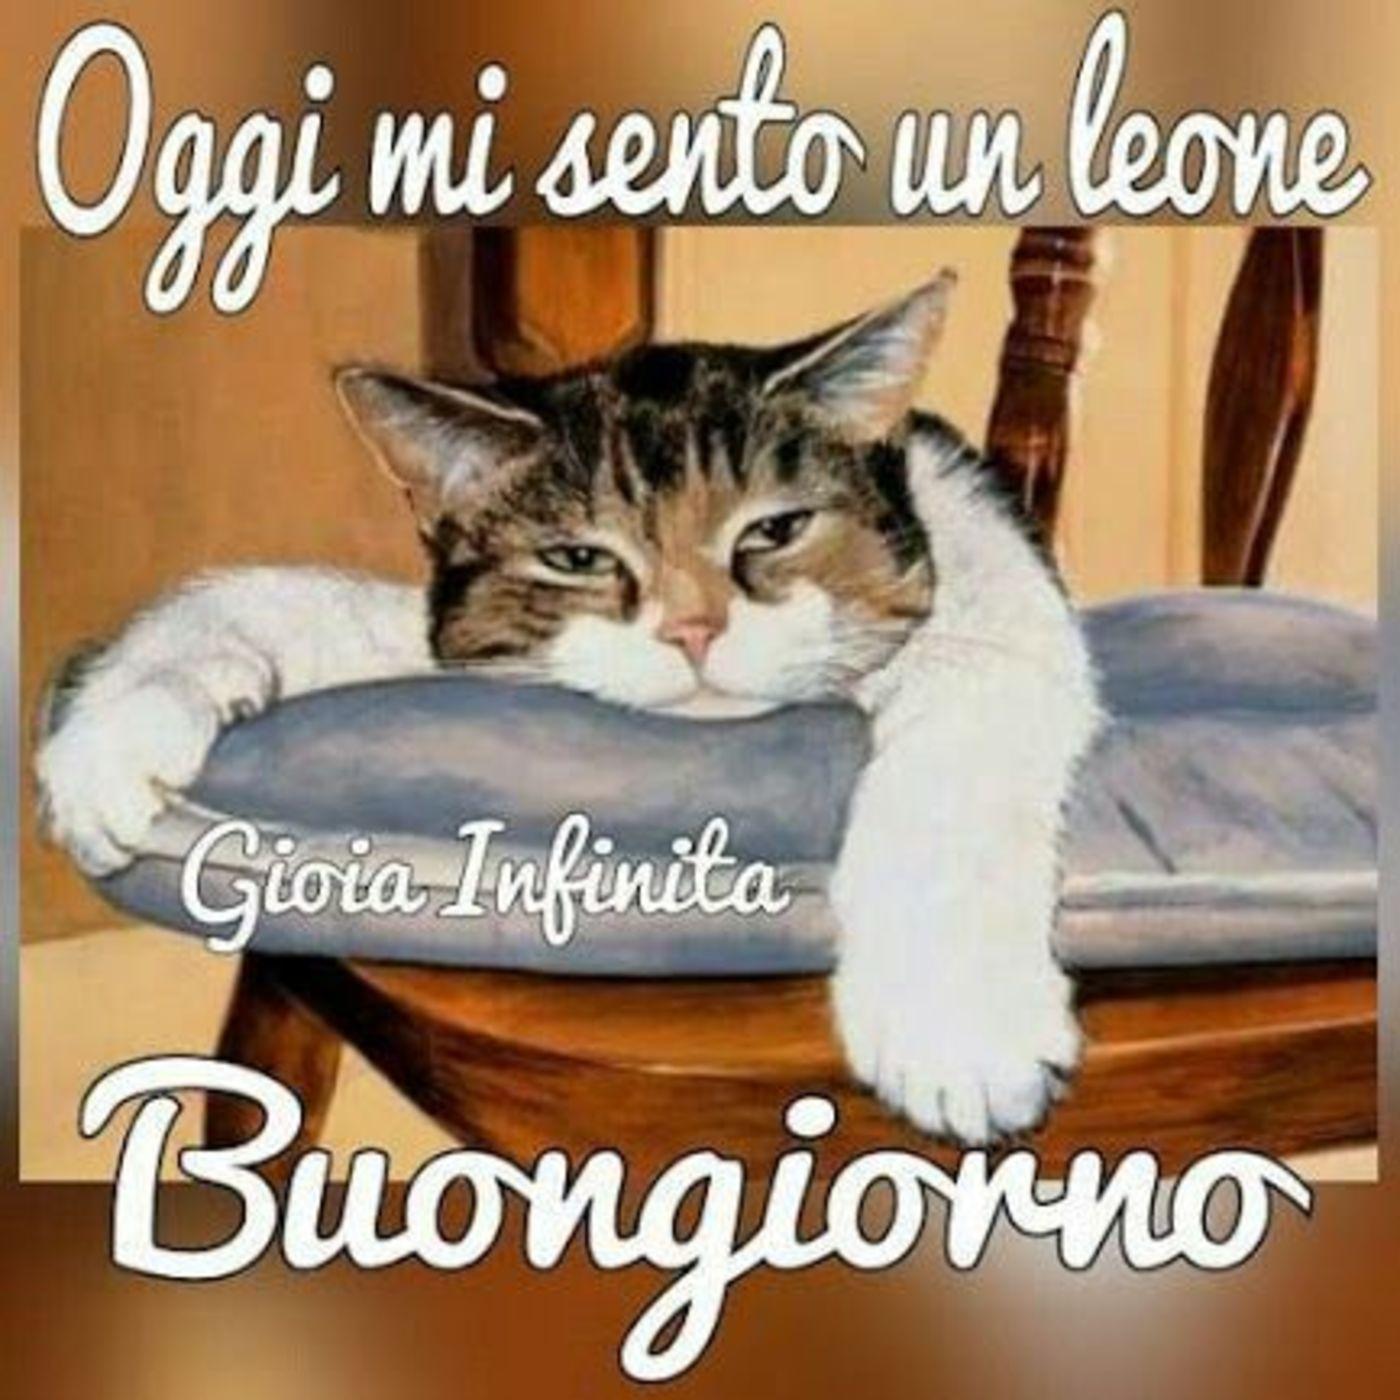 Immagini buongiorno coi gatti for Buongiorno con gattini